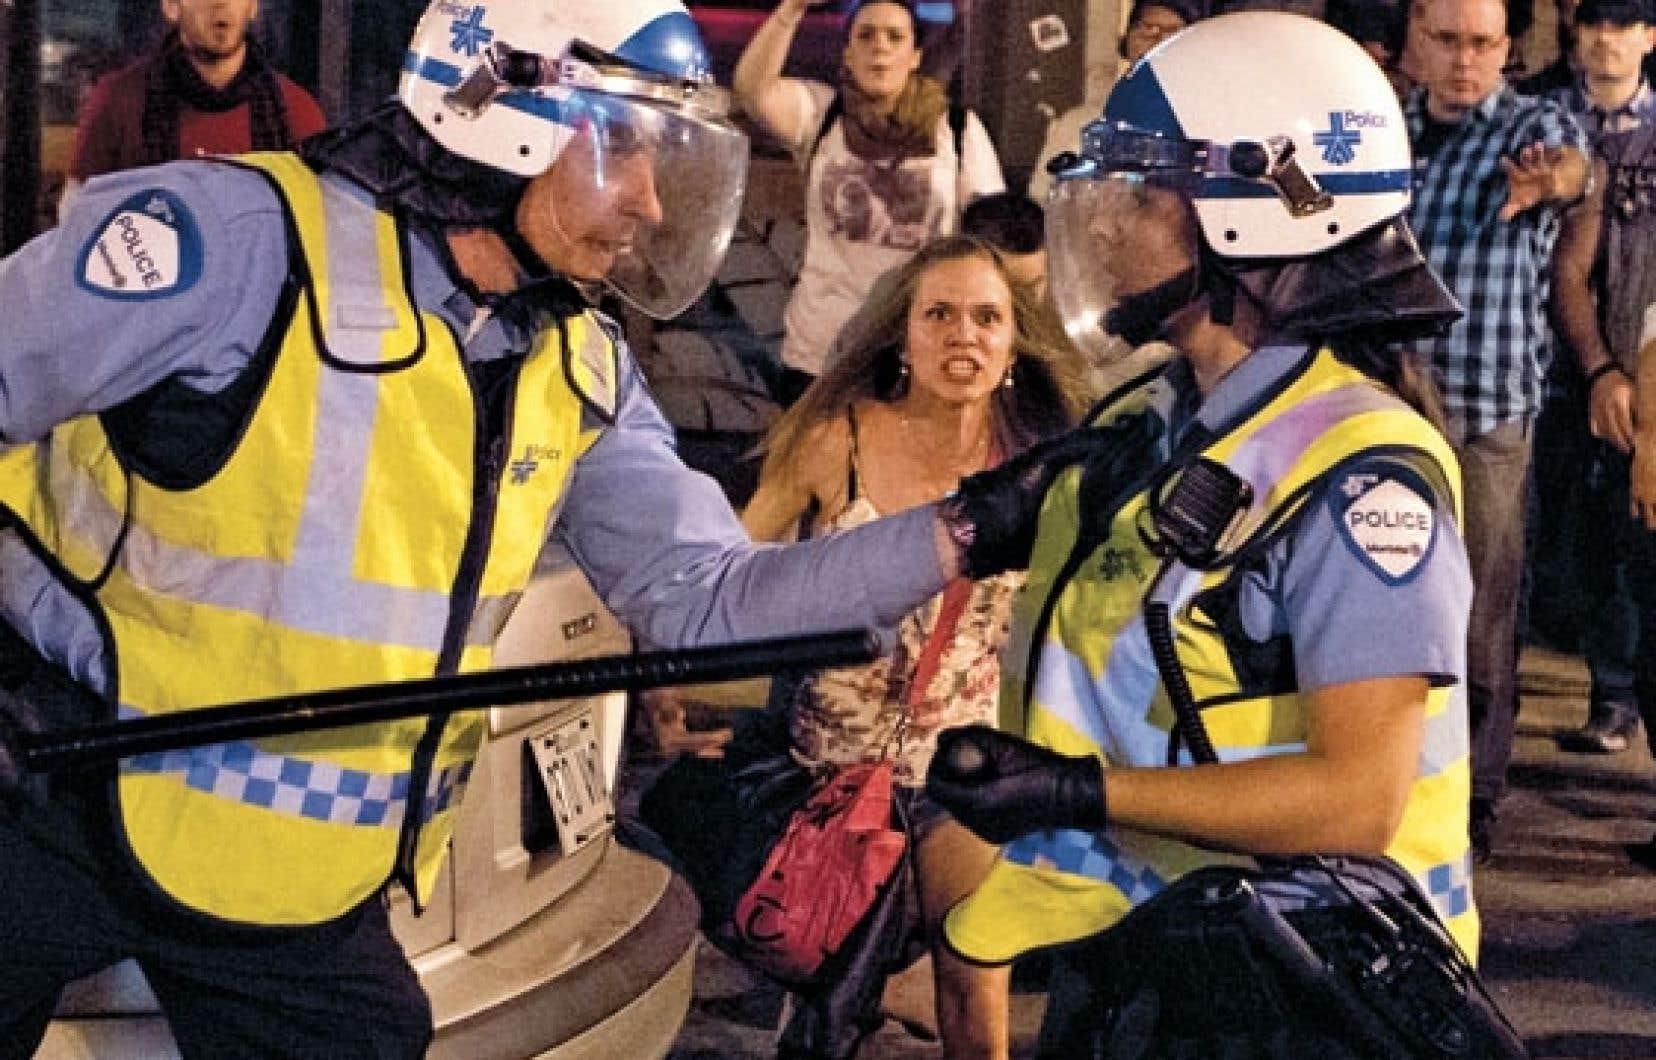 La photo primée de M. Nadeau montre deux policiers qui s'invectivent dans la rue au cours d'une manifestation… sous le regard d'une manifestante.